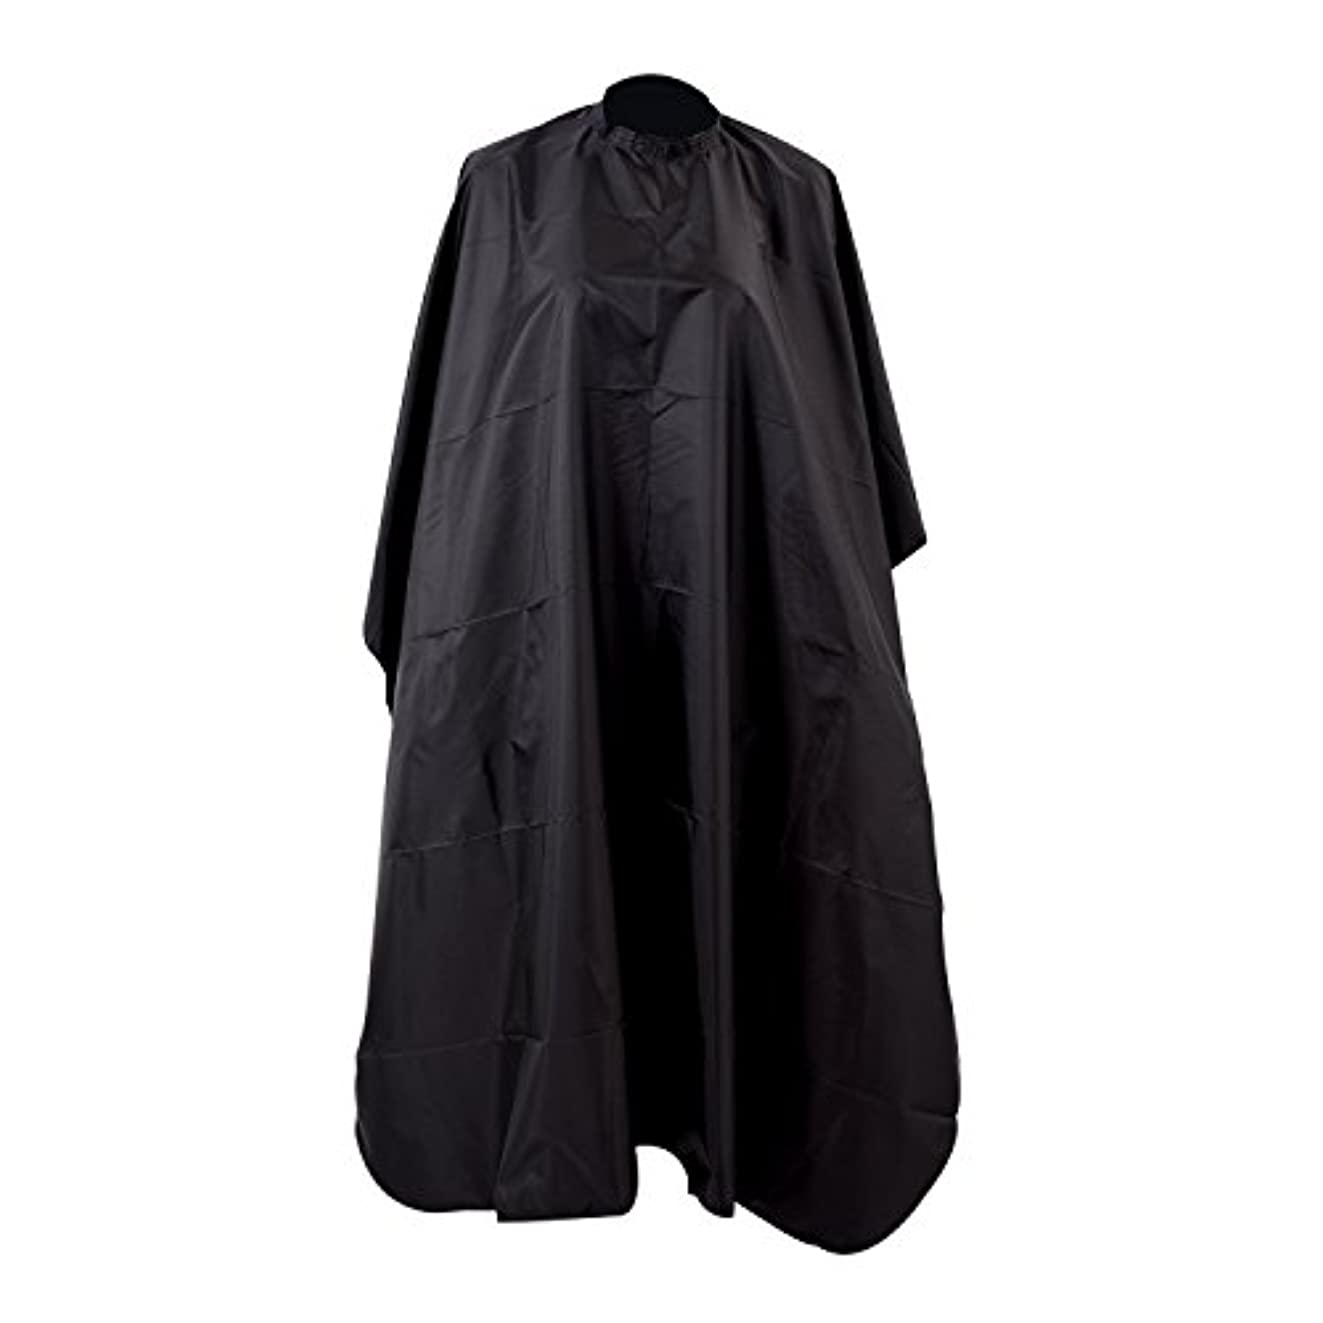 サイレンピジンスロー散髪マント 散髪ケープ サロン ナイロン 黒 120x 150cm